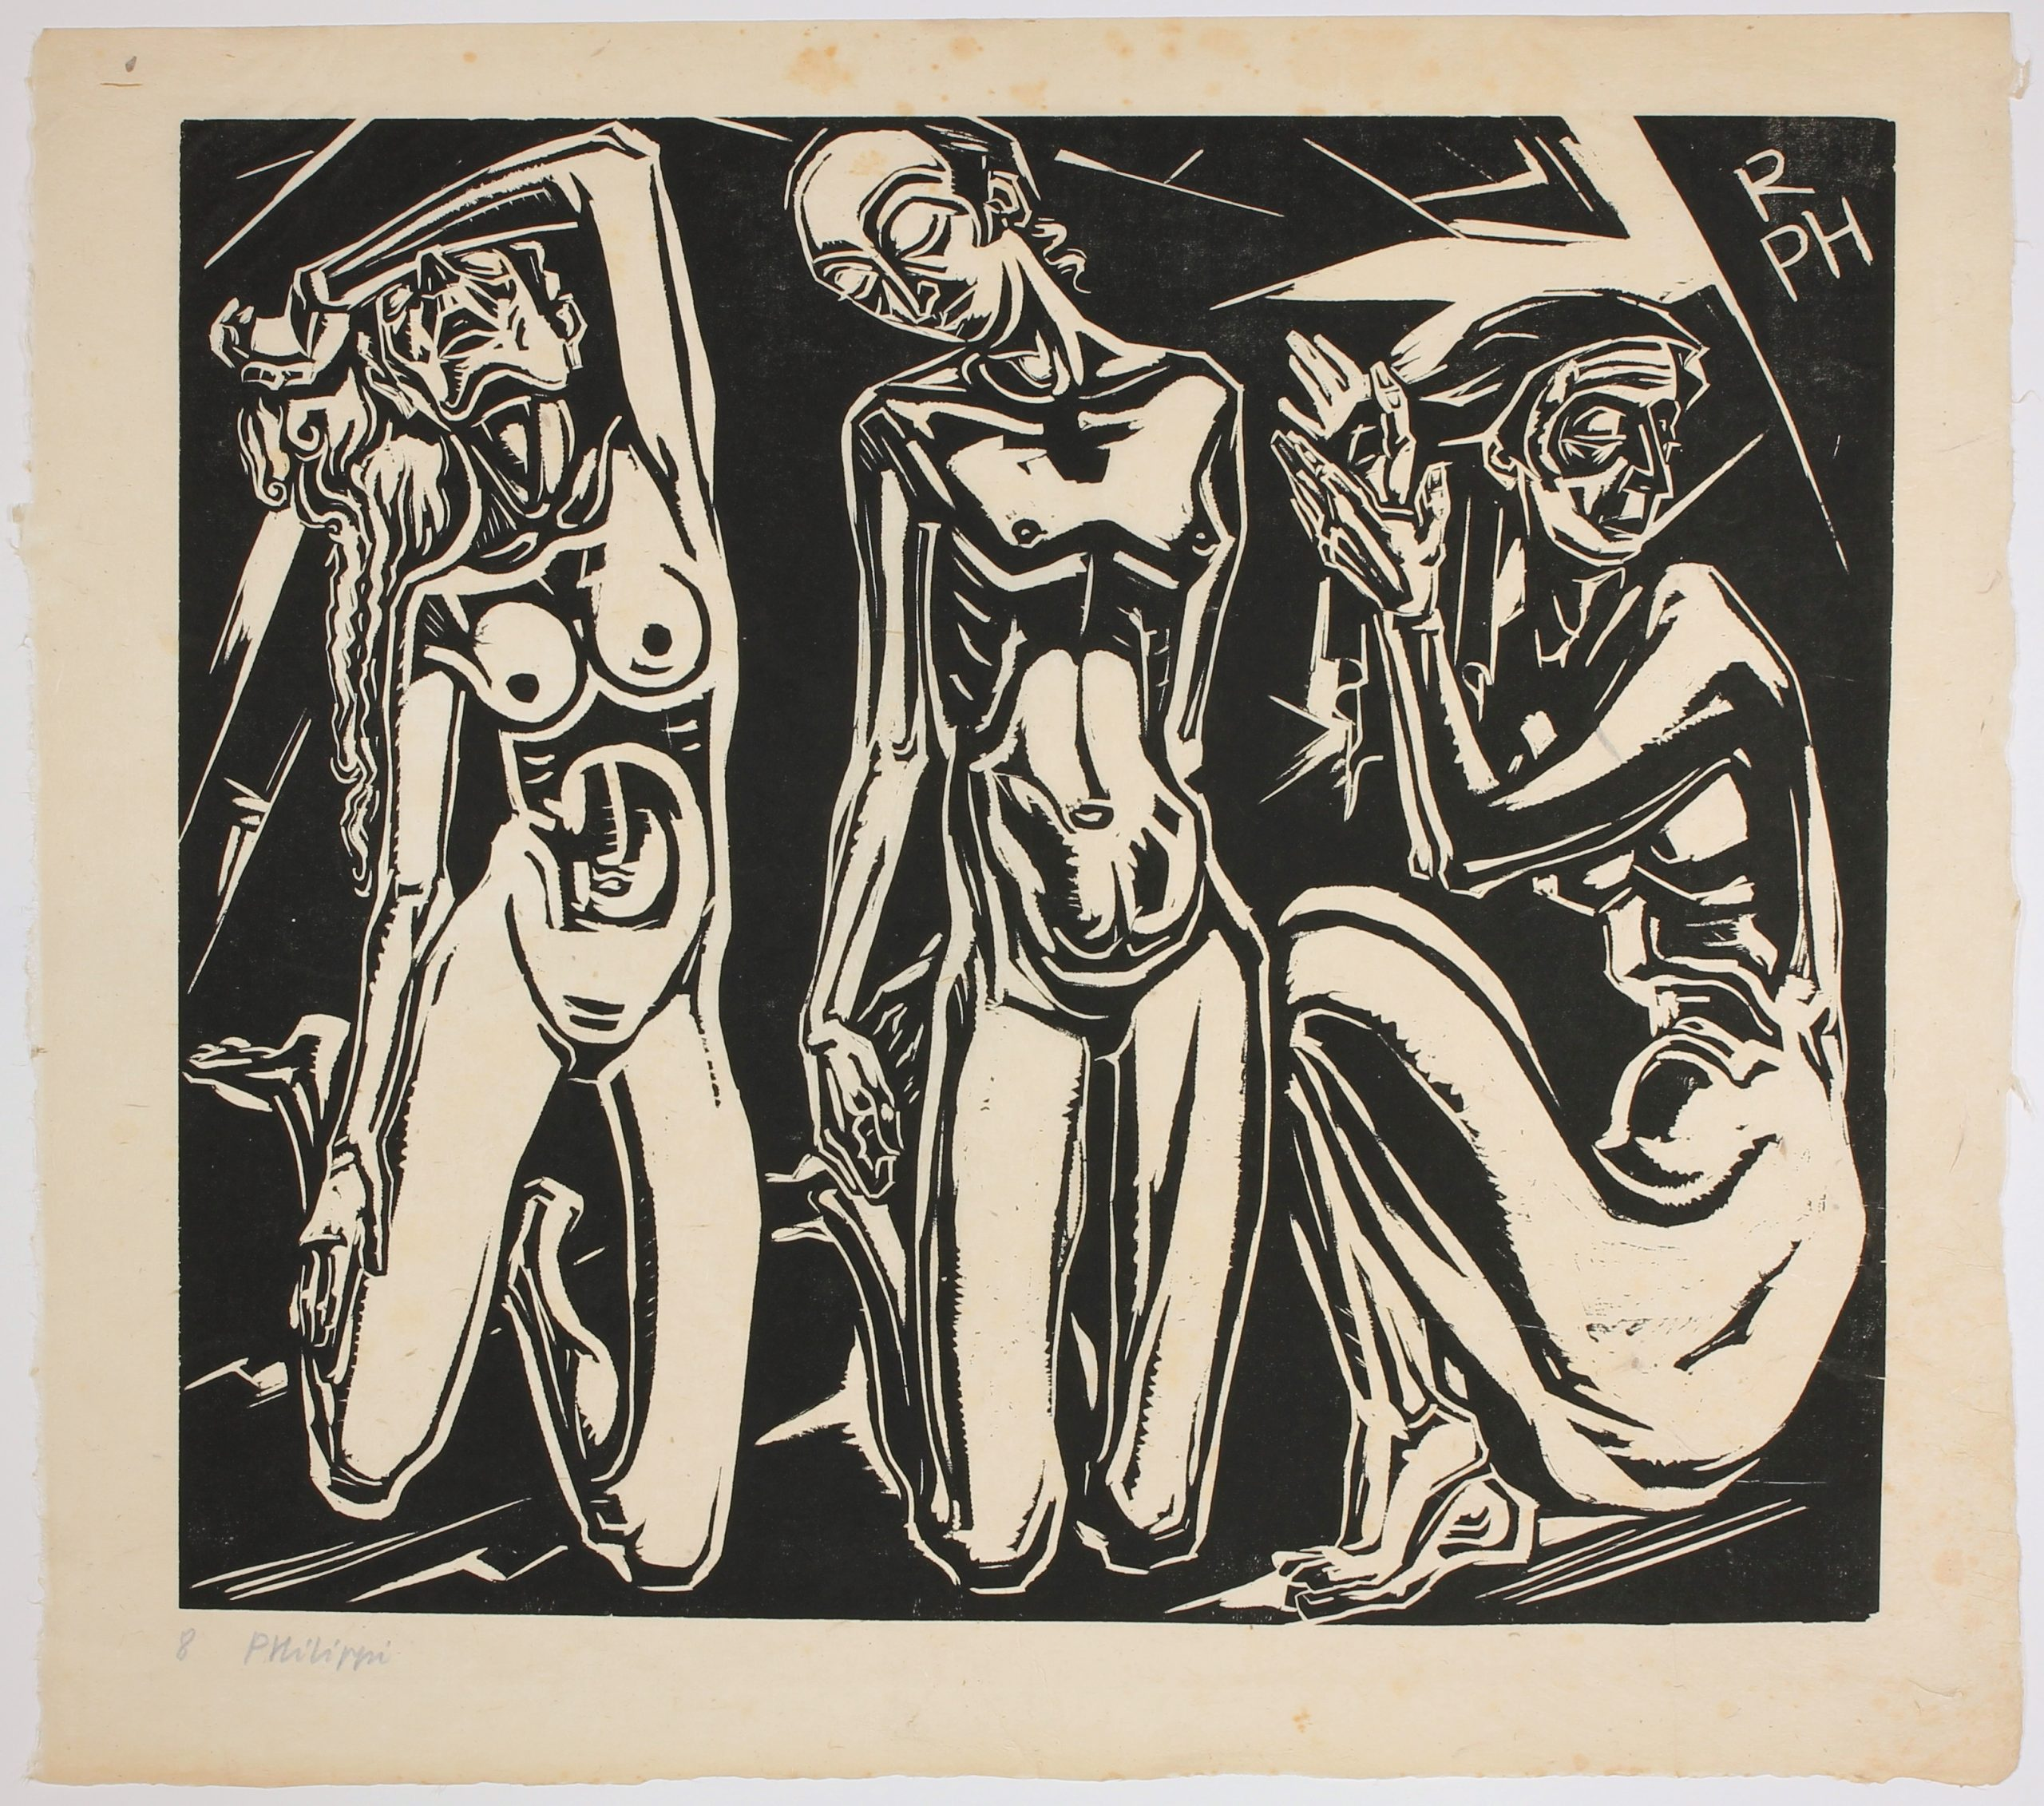 Die Leidenden (The Sufferers) by Robert Philippi